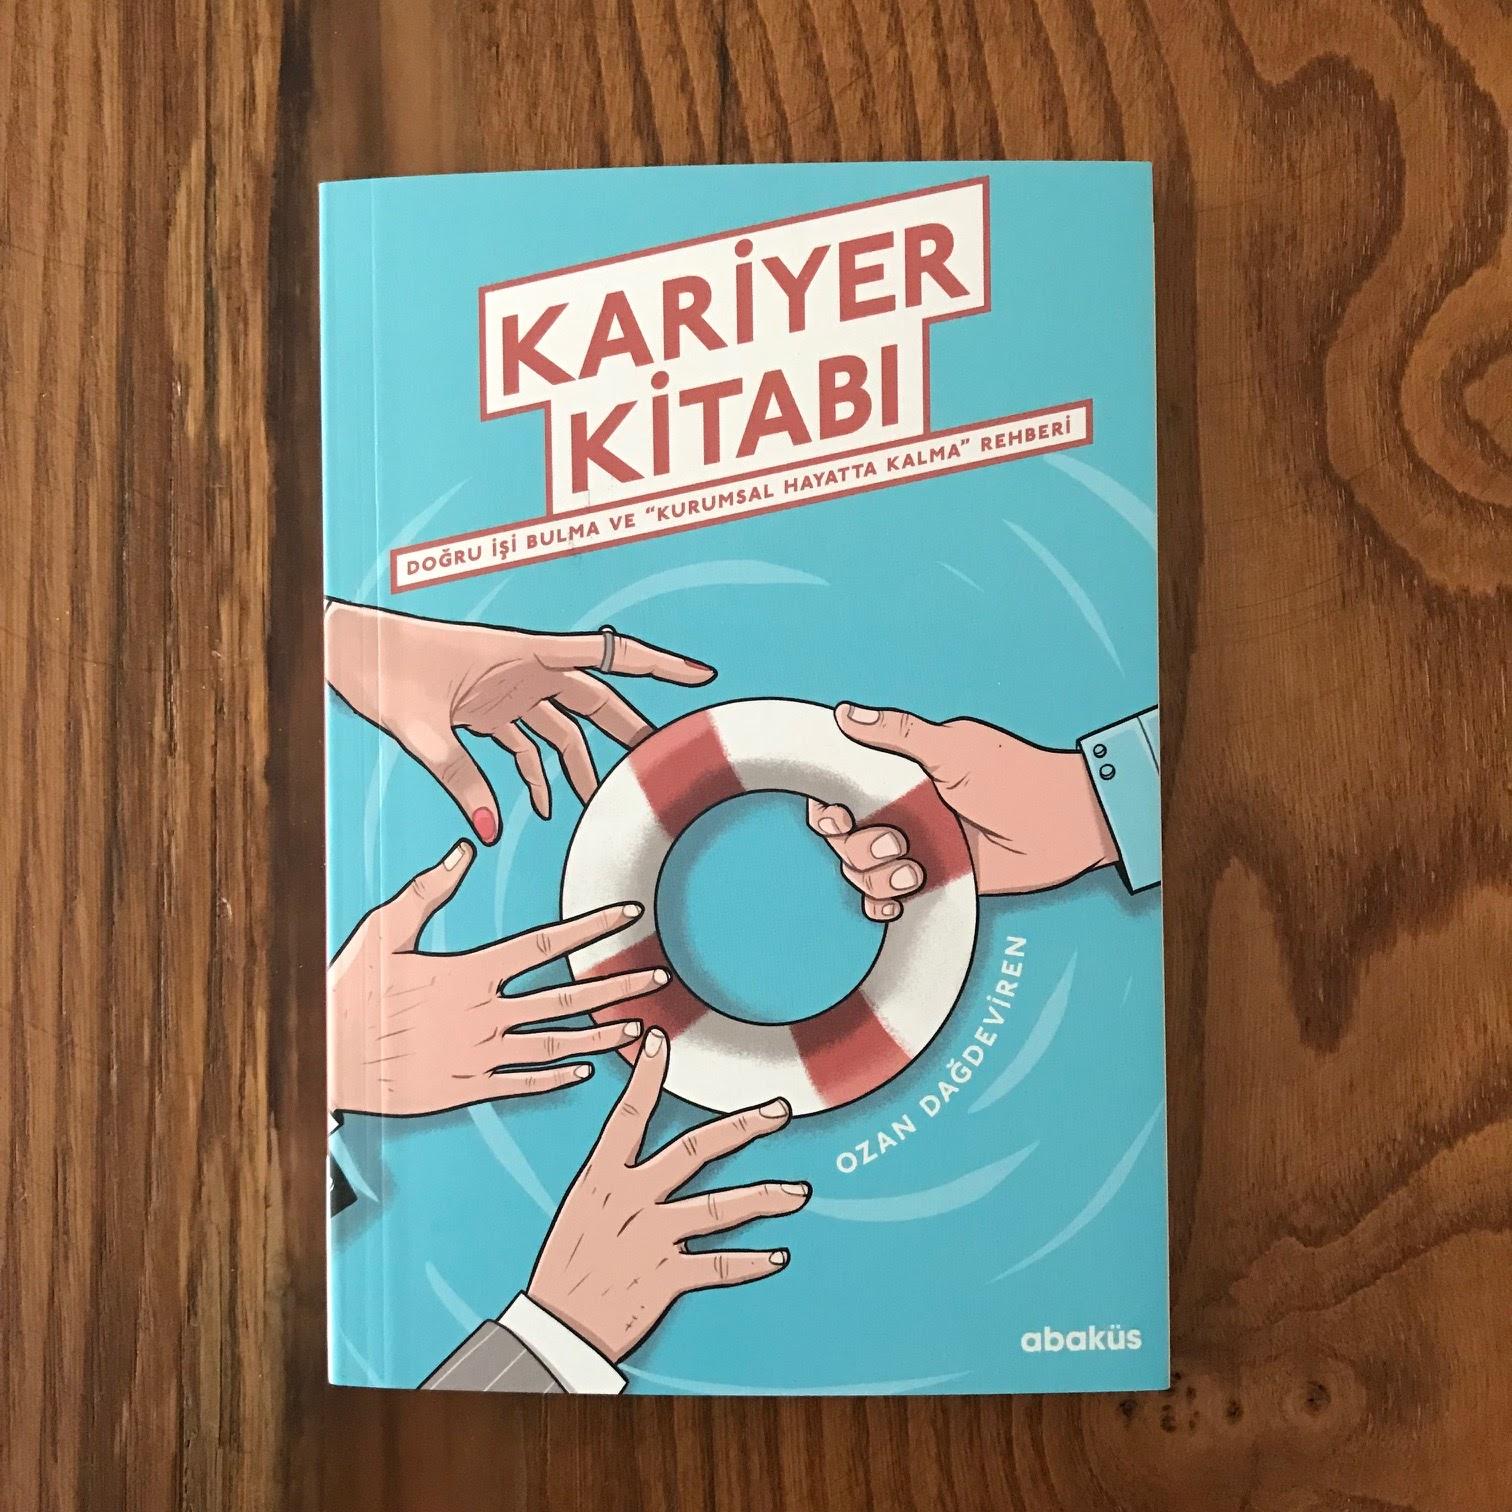 Kariyer Kitabi